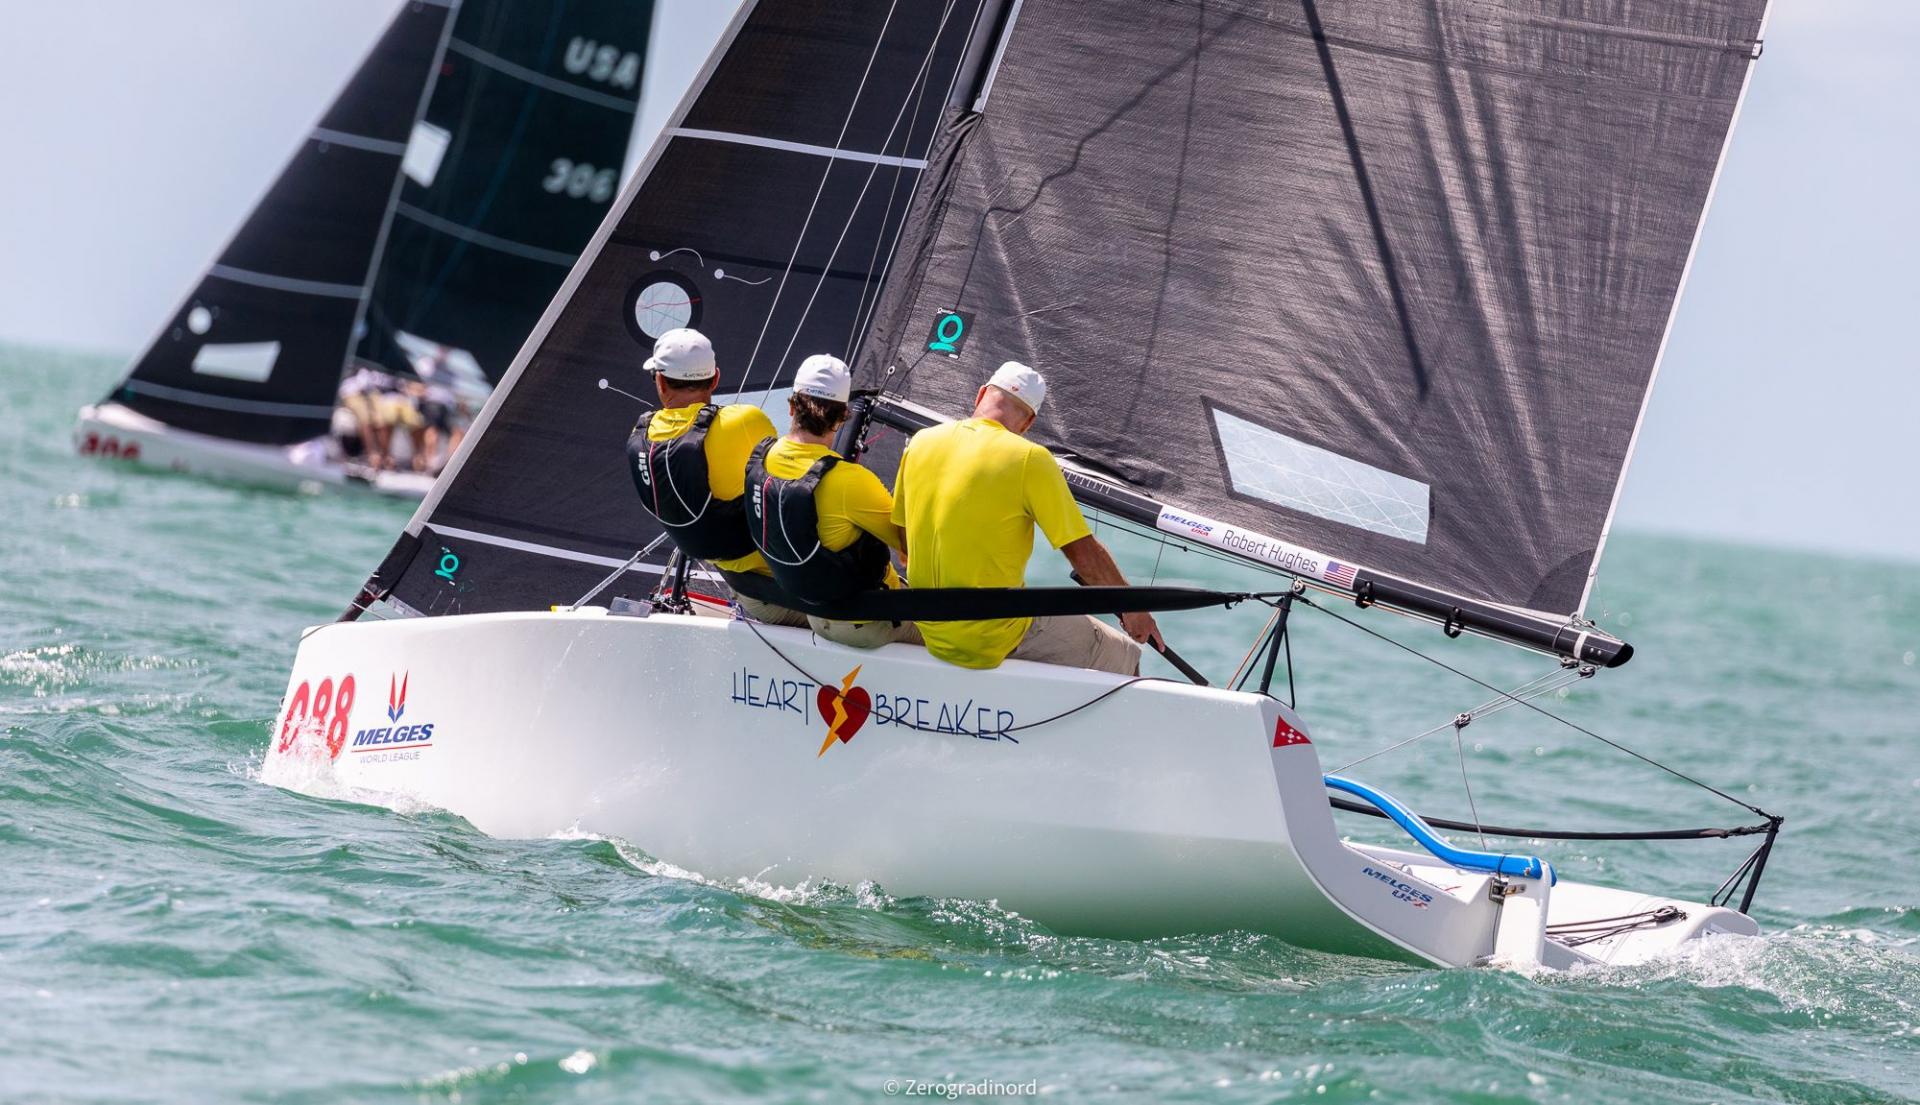 Il Socio Michetti secondo su Heart Breaker al Melges 20 Worlds  - NEWS - Yacht Club Costa Smeralda